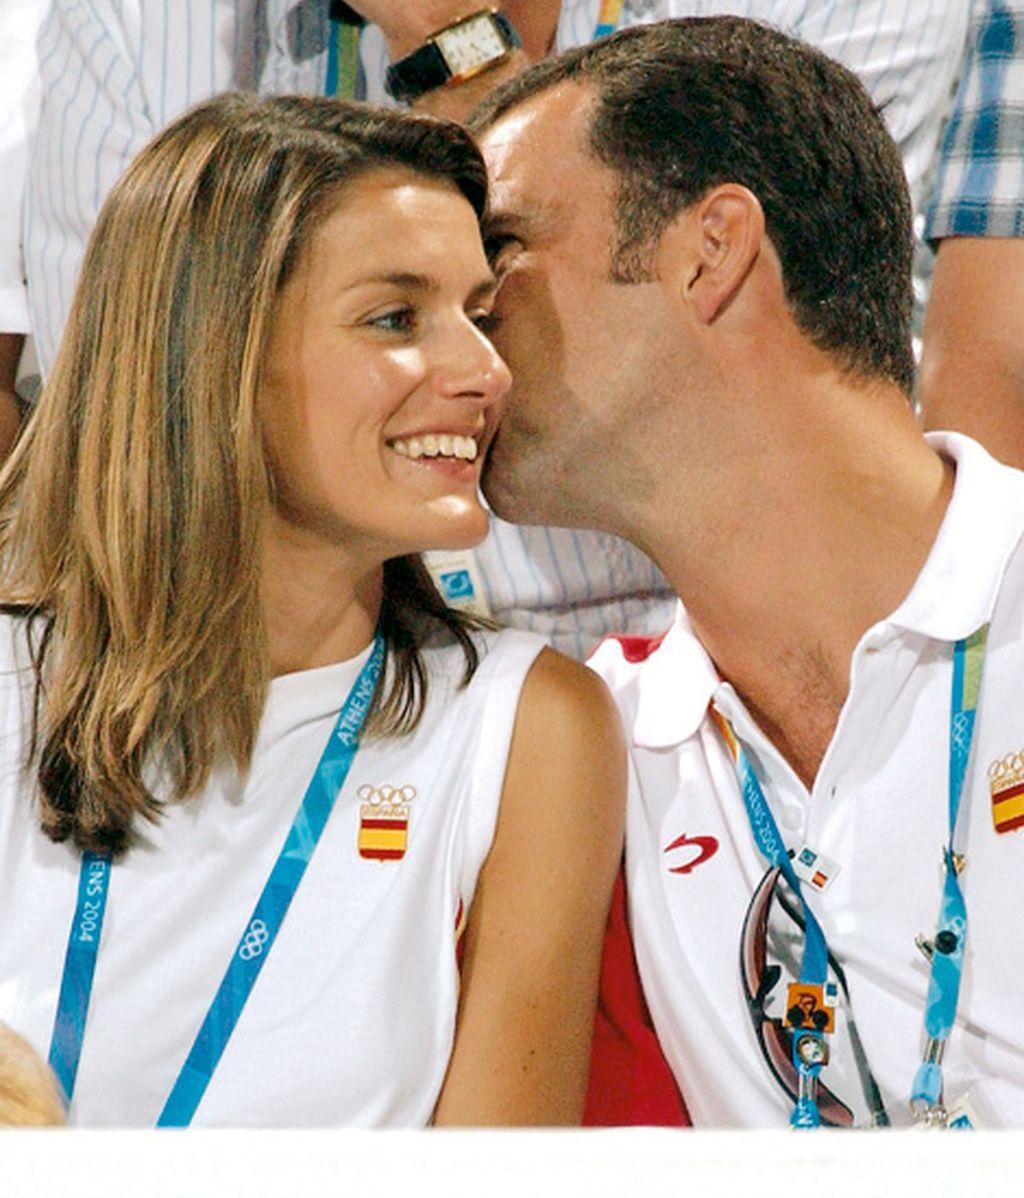 Los príncipes de las olimpiadas de Atenas (agosto de 2004)